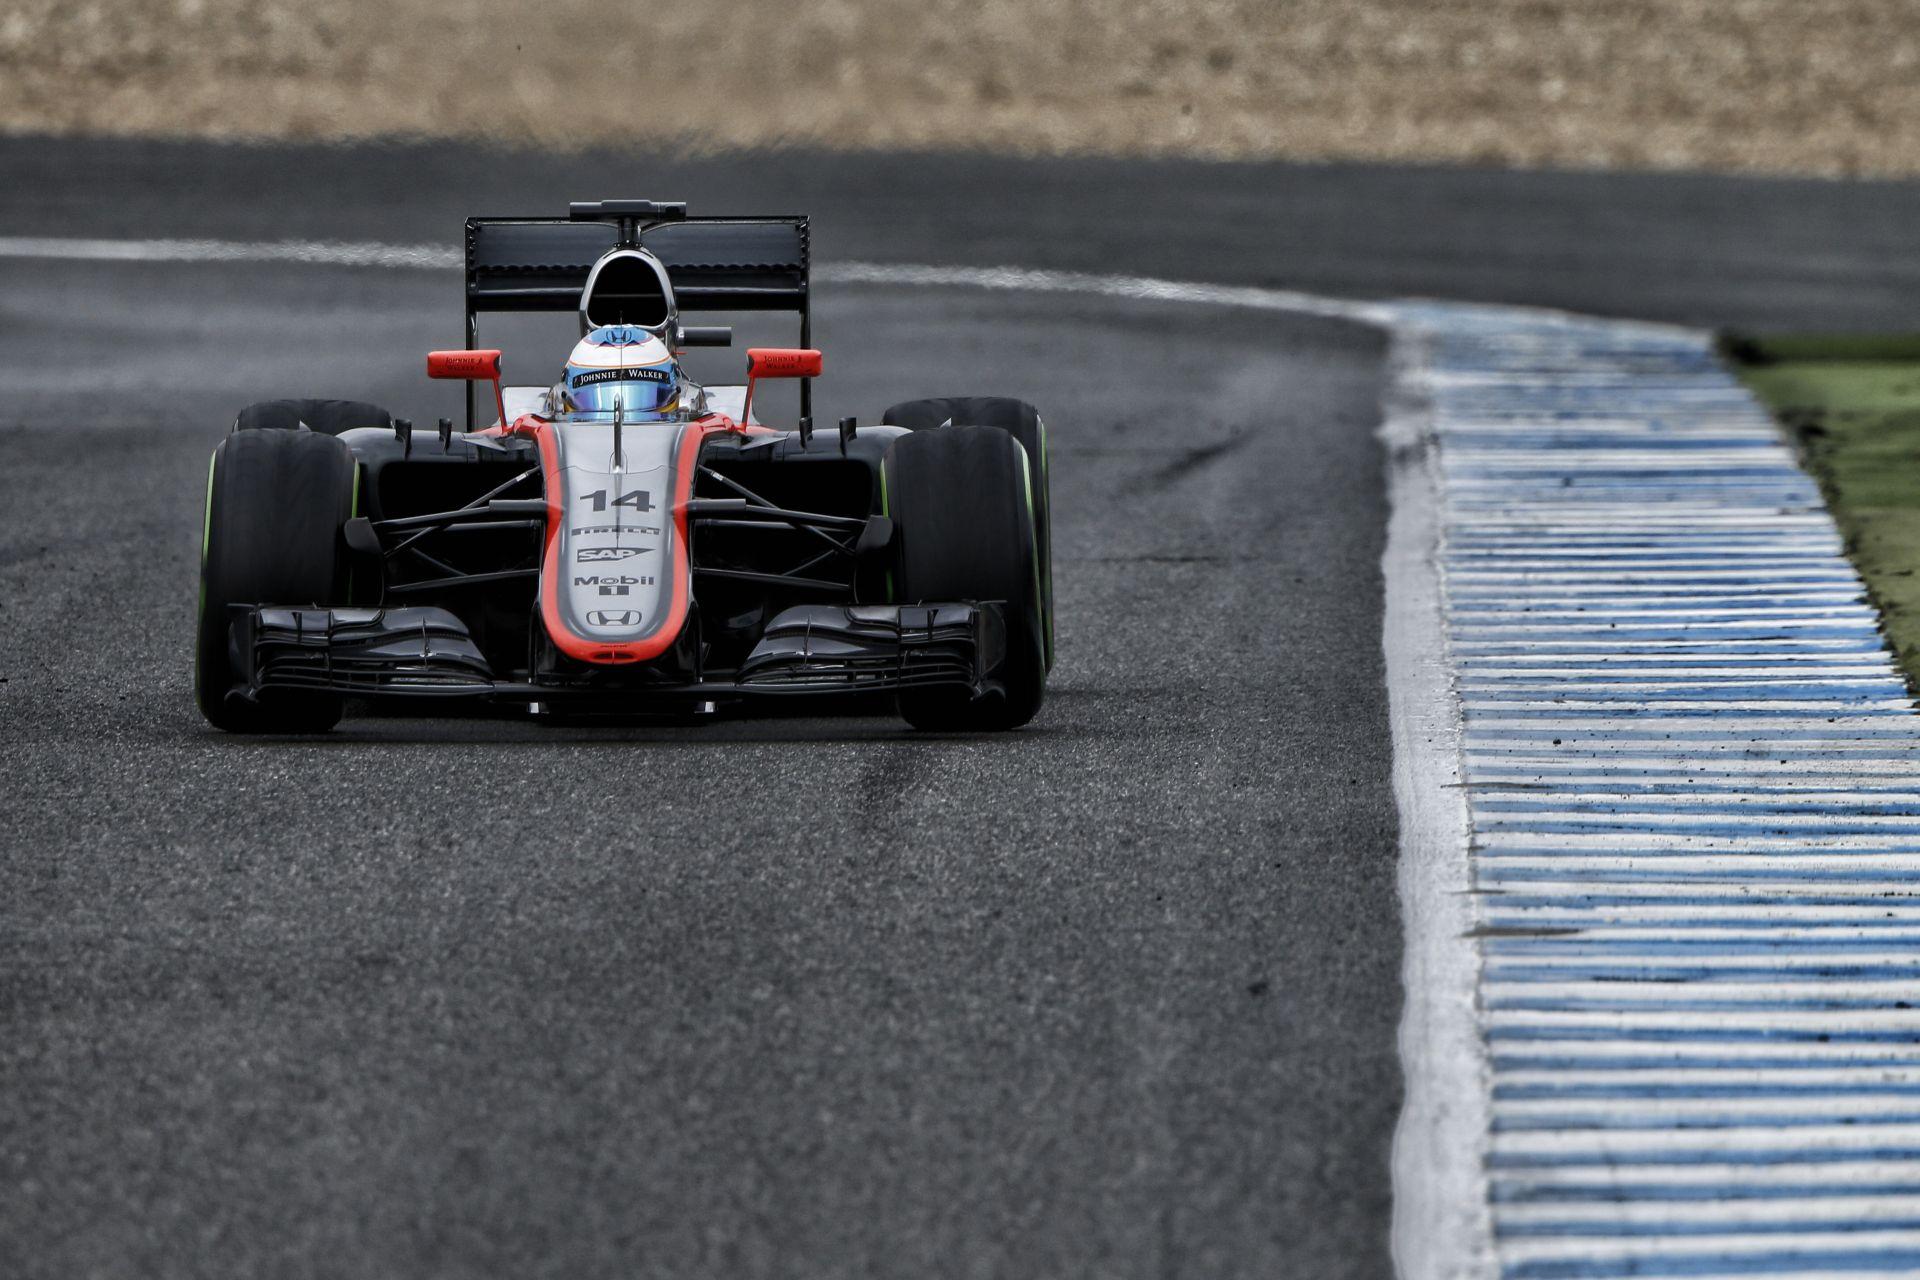 A McLaren-Honda ma már nem gurul pályára: Újabb KO, de ez most nem akkora